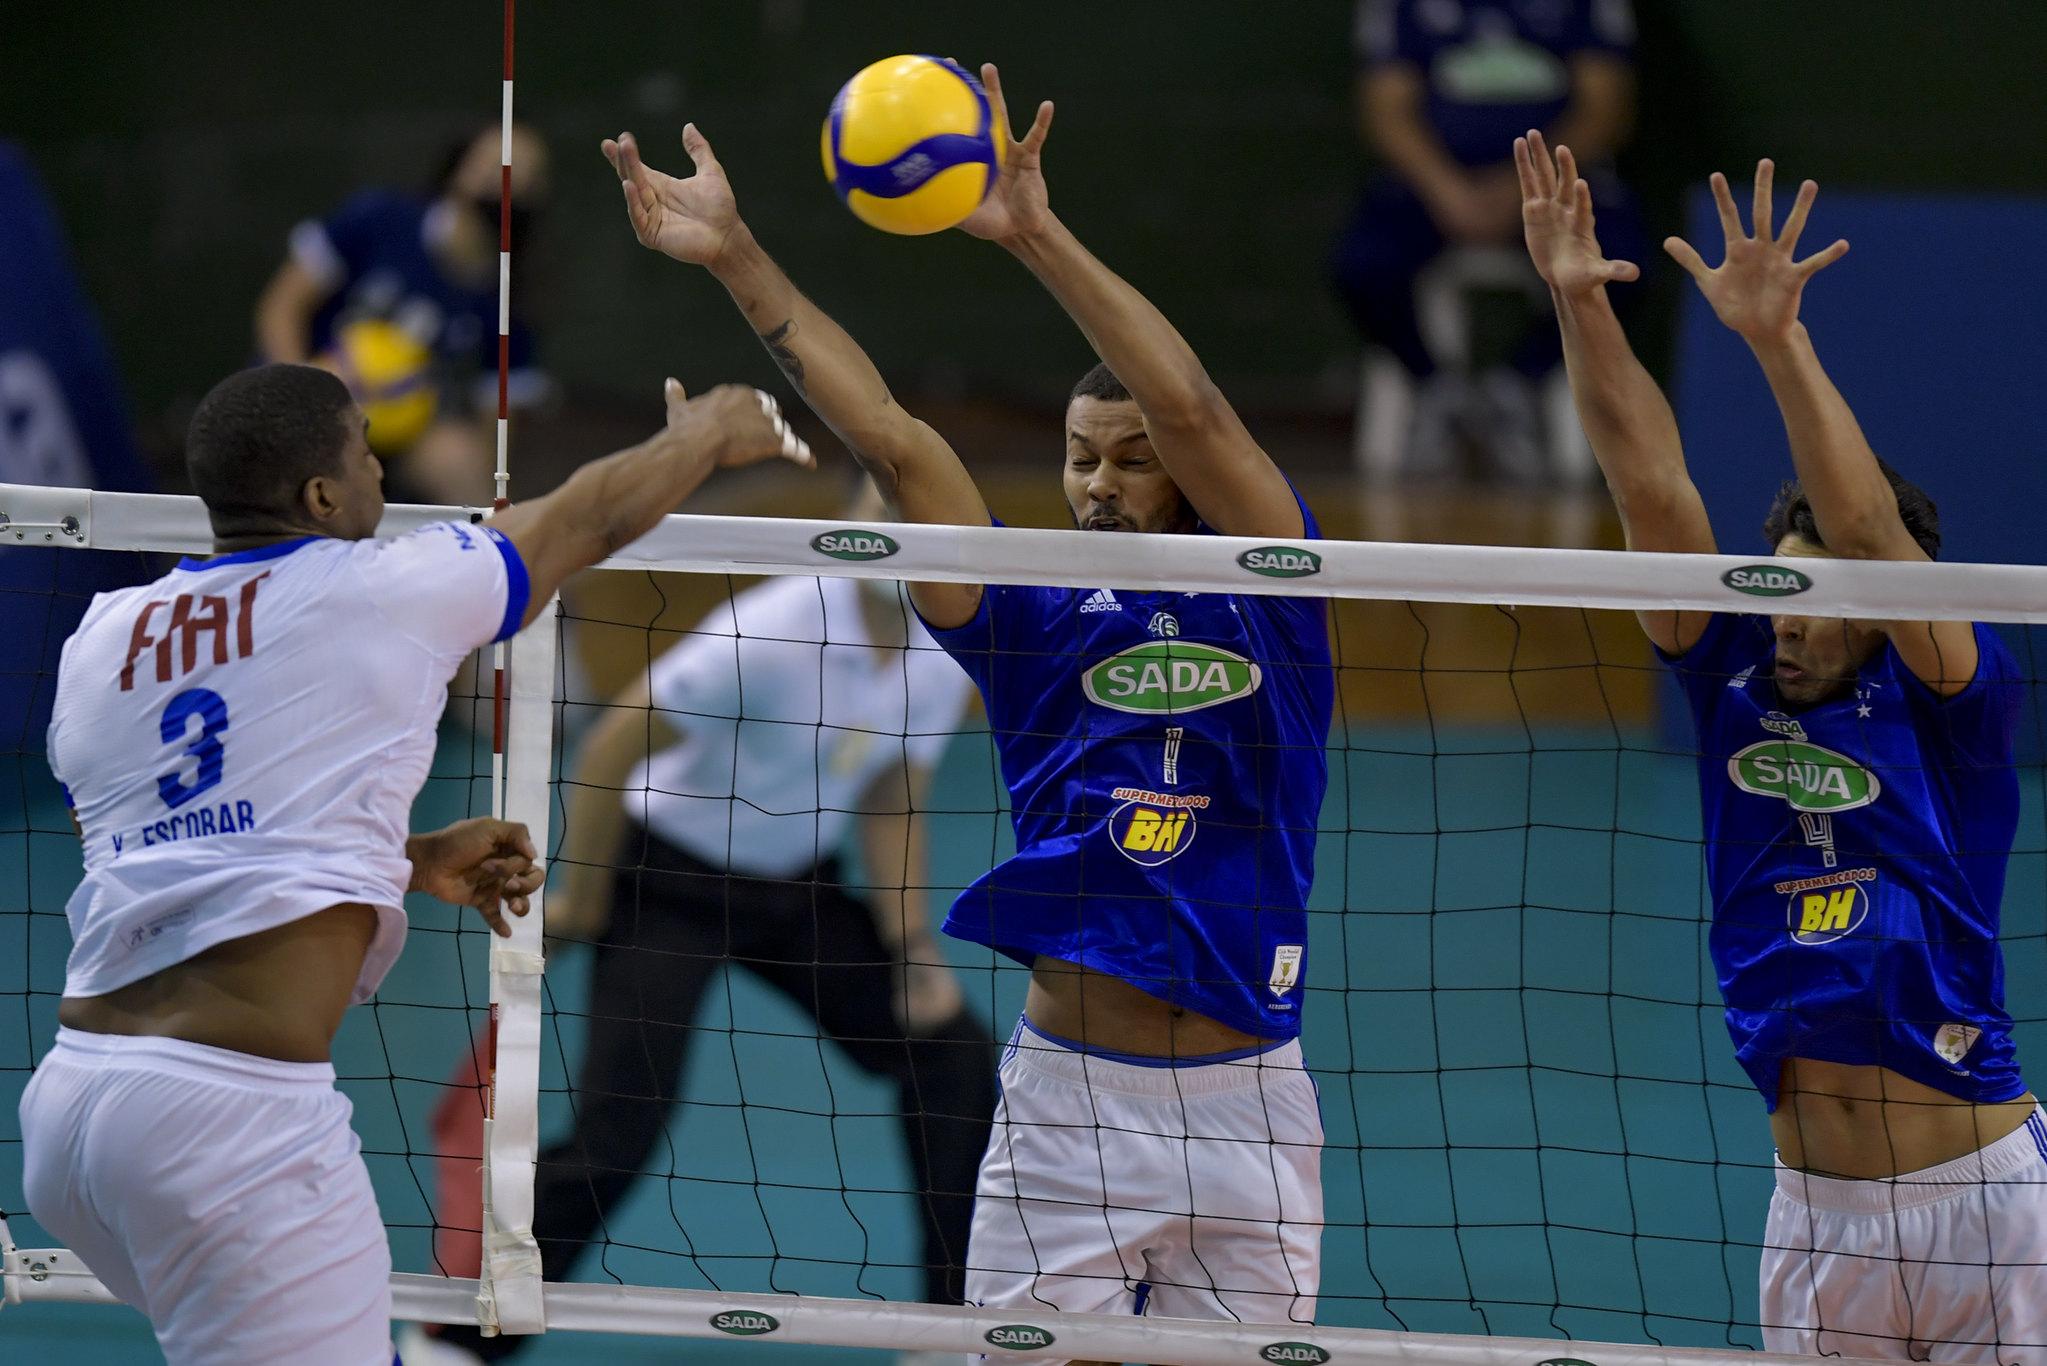 Cubano Escobar foi o destaque do Fiat/Minas e marcou 13 pontos no jogo (Foto: Agência i7/Sada Cruzeiro)